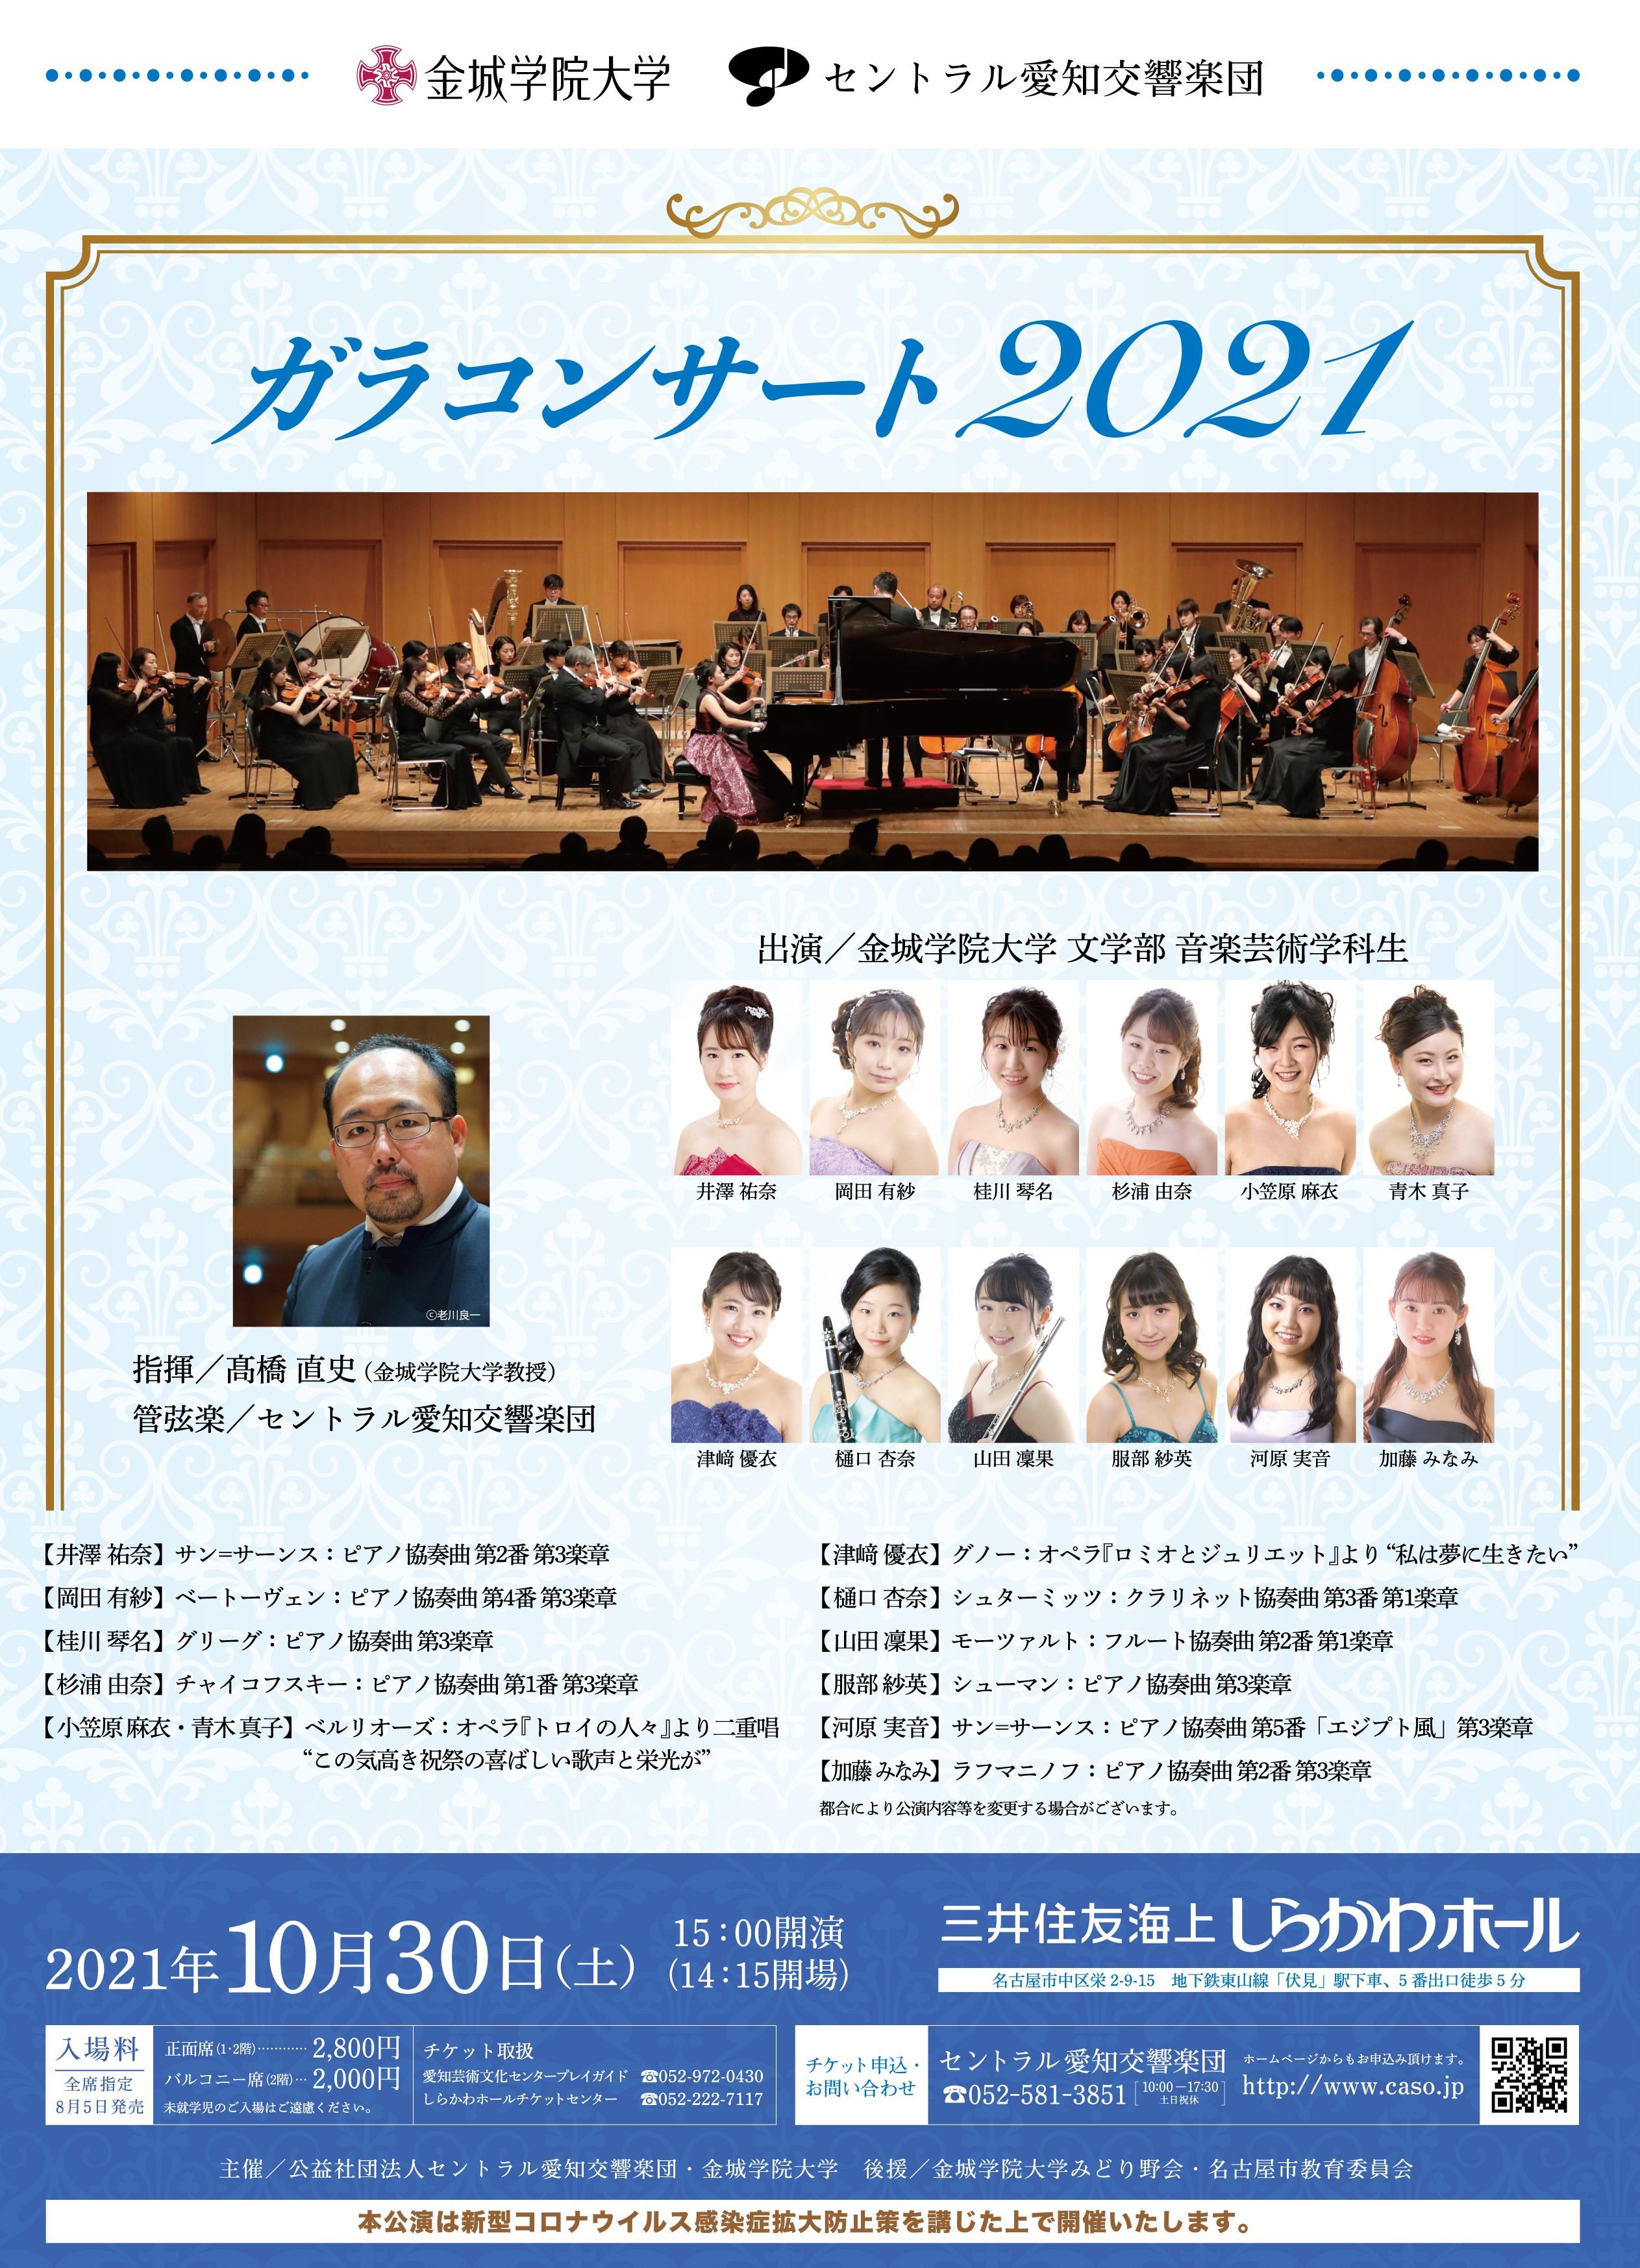 金城学院大学・セントラル愛知交響楽団 ガラコンサート2021